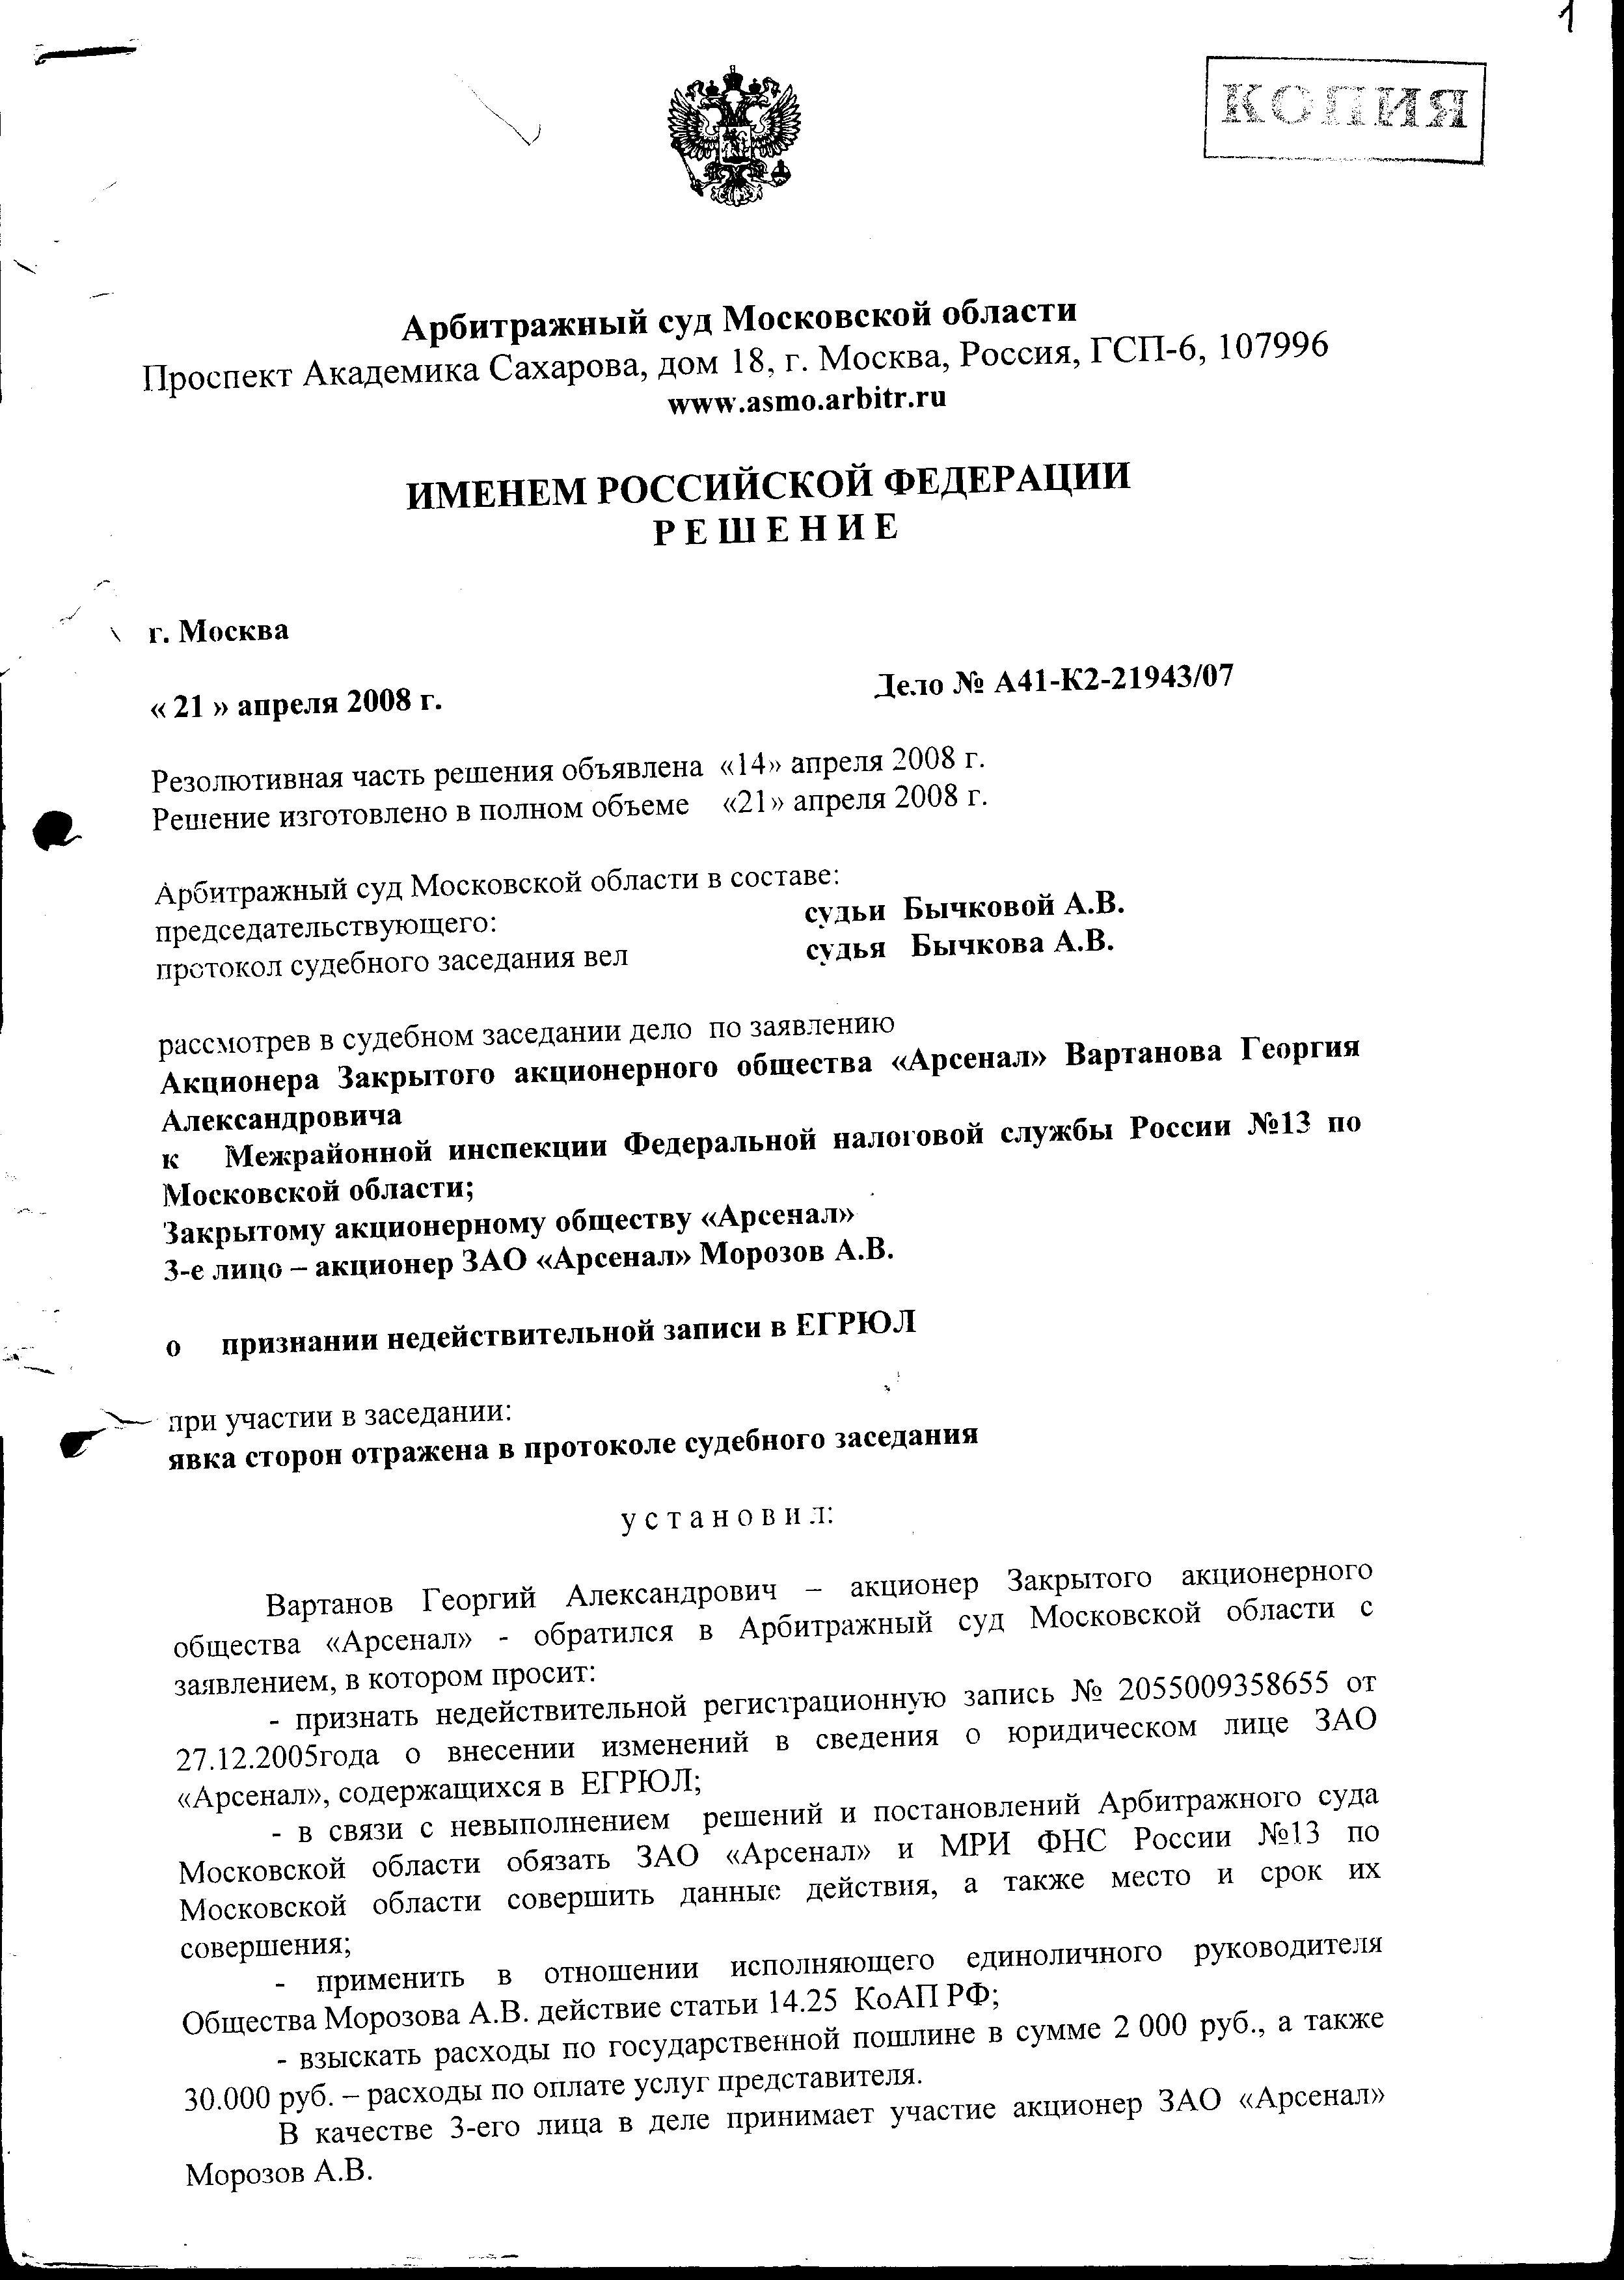 1 лист по МРИ ФНС №13 Сканер 008